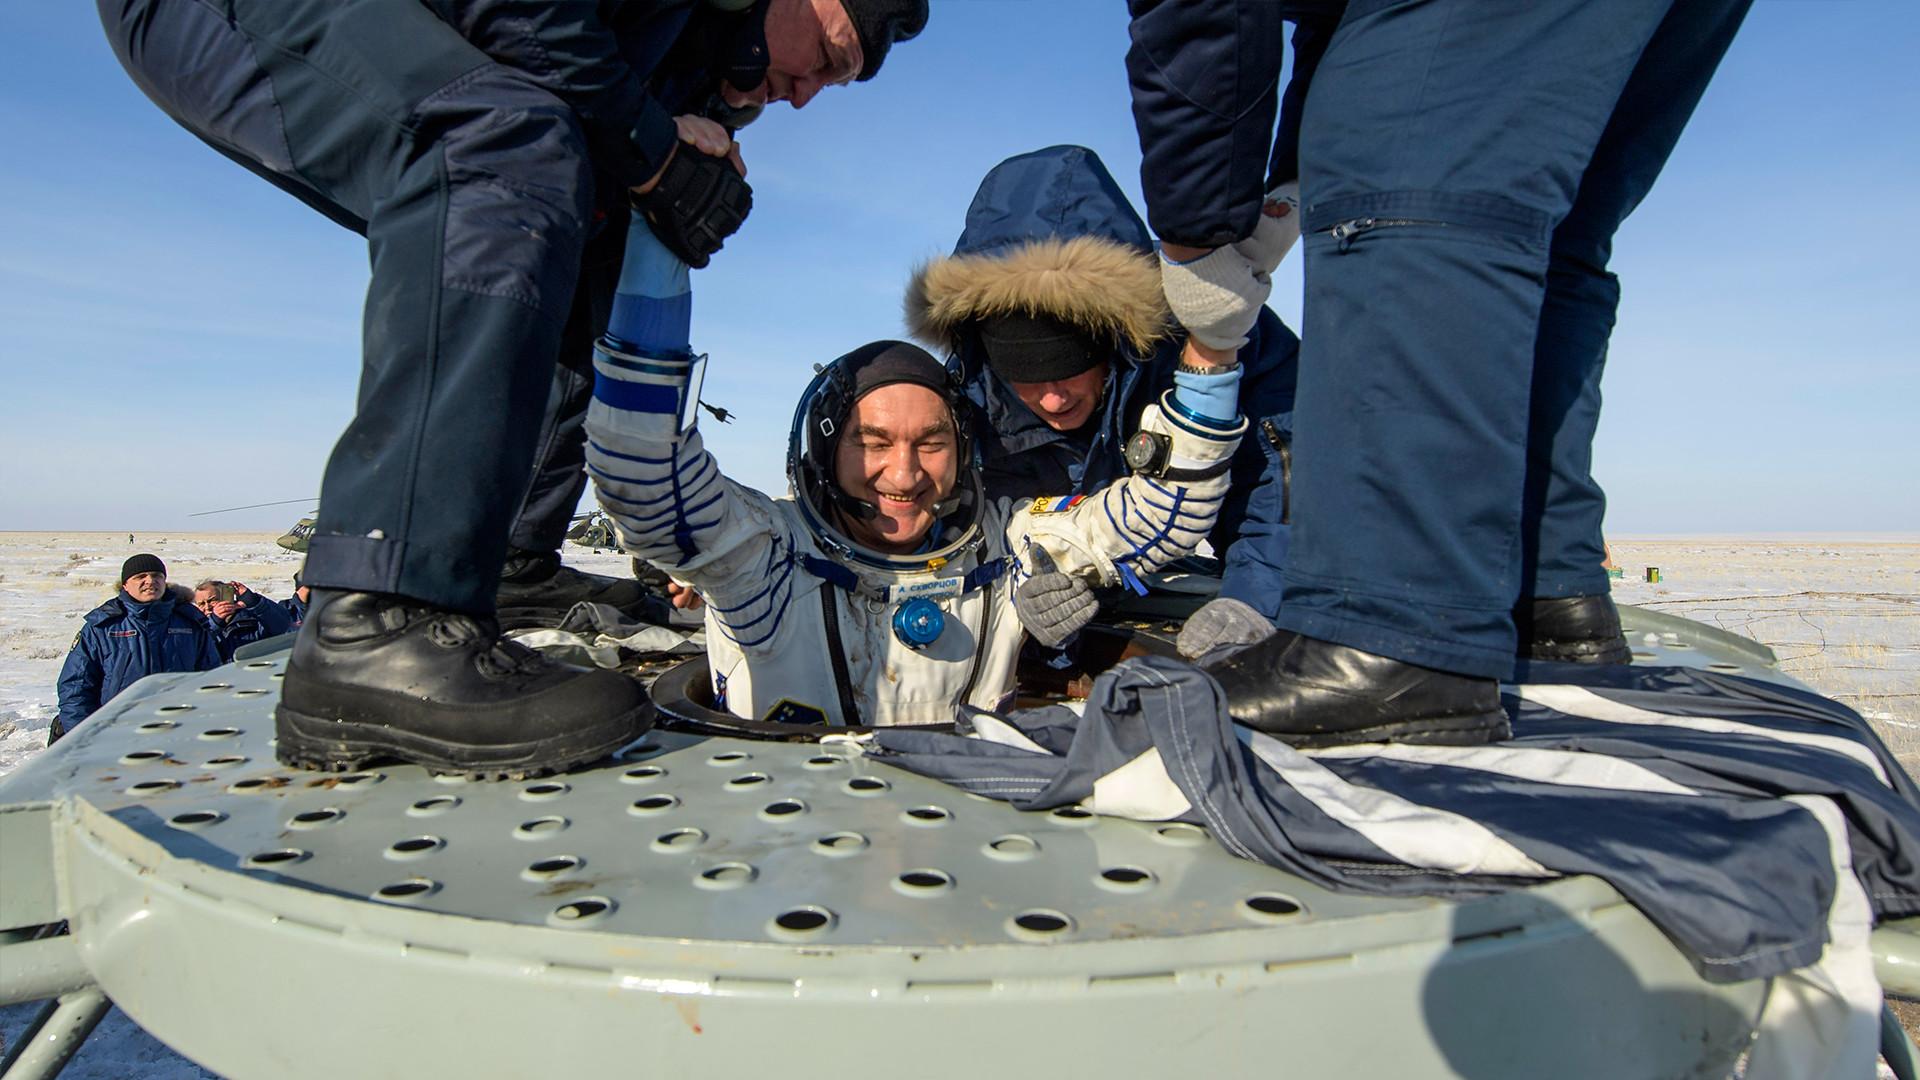 Ruskom kozmonautu Aleksandru Skvorcovu pomažu pri izlasku iz svemirske letjelice Sojuz MS-13, samo nekoliko minuta nakon slijetanja u kazahstansku stepu u blizini grada Džezkazgana. 6. veljače 2020. godine.